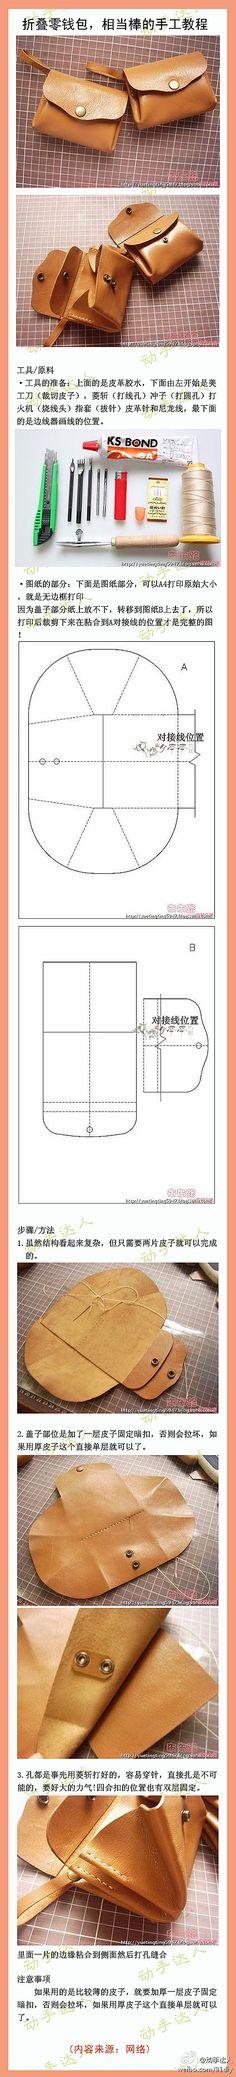 DIY-Purse.jpg 425×3,741픽셀